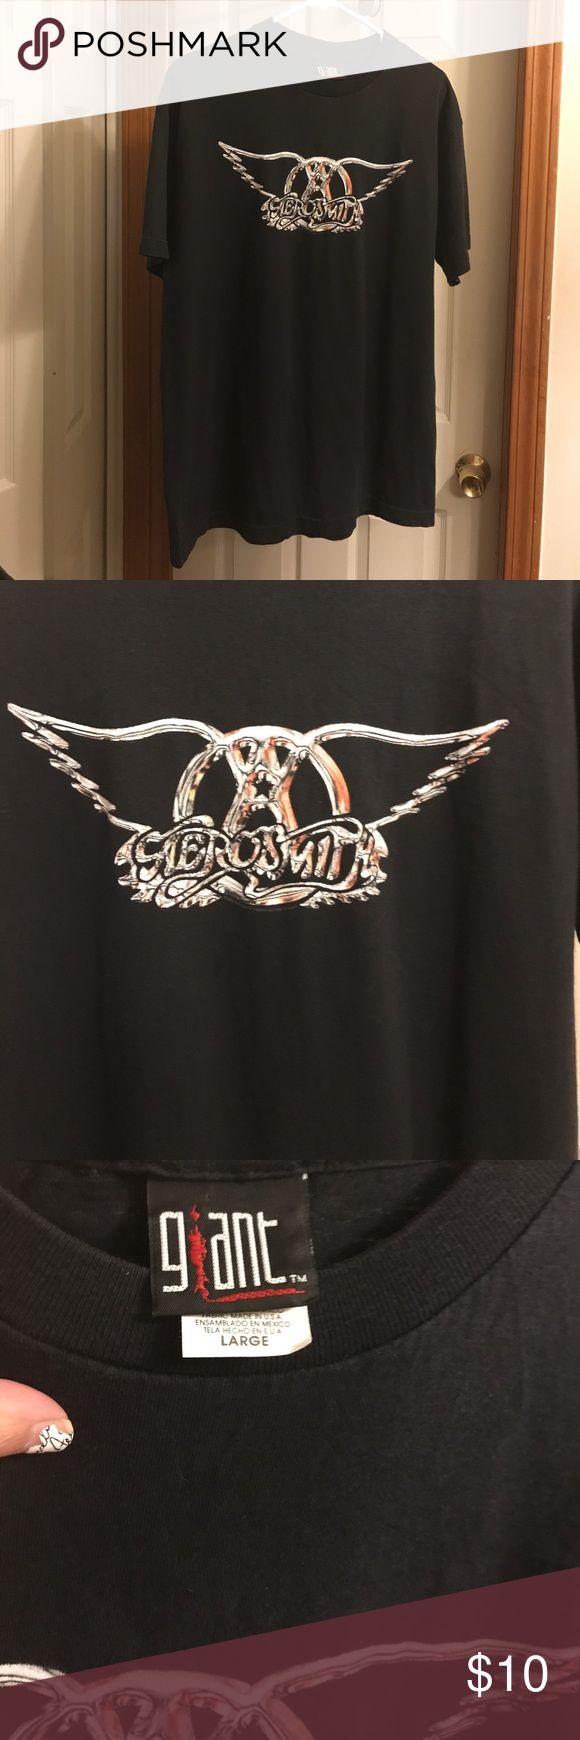 Vintage Aerosmith T-Shirt Vintage '90's Aerosmith t-shirt. Aerosmith wings on front. Graphics on front only. Men's Large. Giant Shirts Tees - Short Sleeve